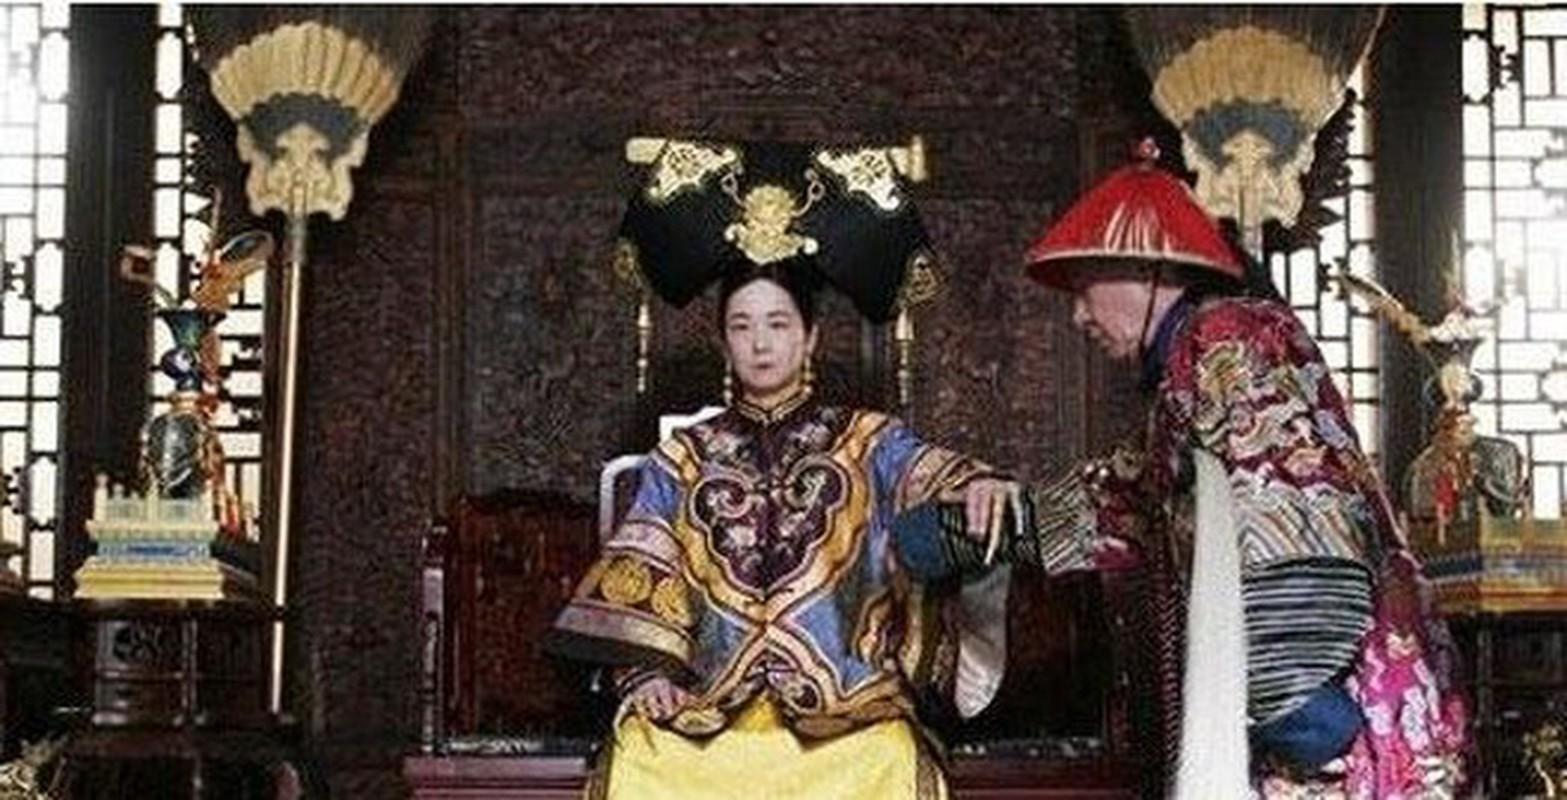 Su thuc thu cung cua Tu Hi Thai Hau duoc sung nhu bau vat-Hinh-2